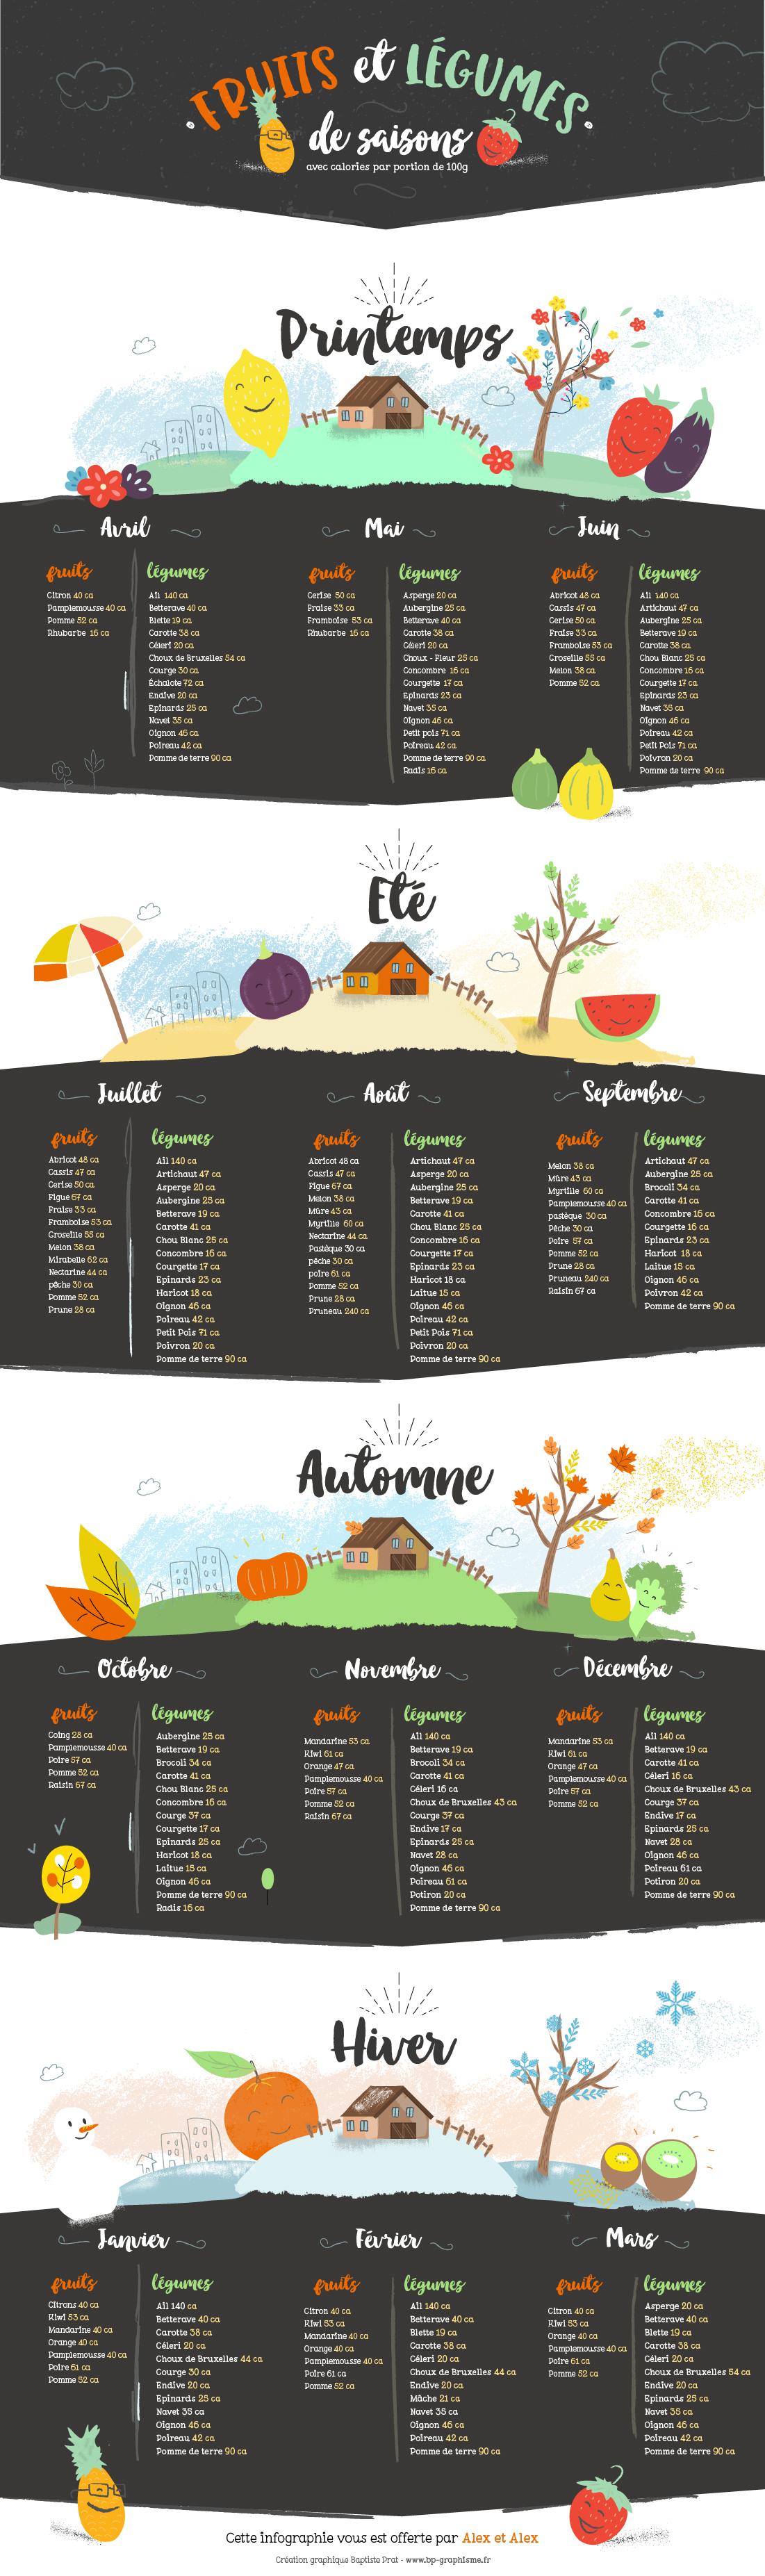 calendrier-fruits-et-legumes ungestealafois.co